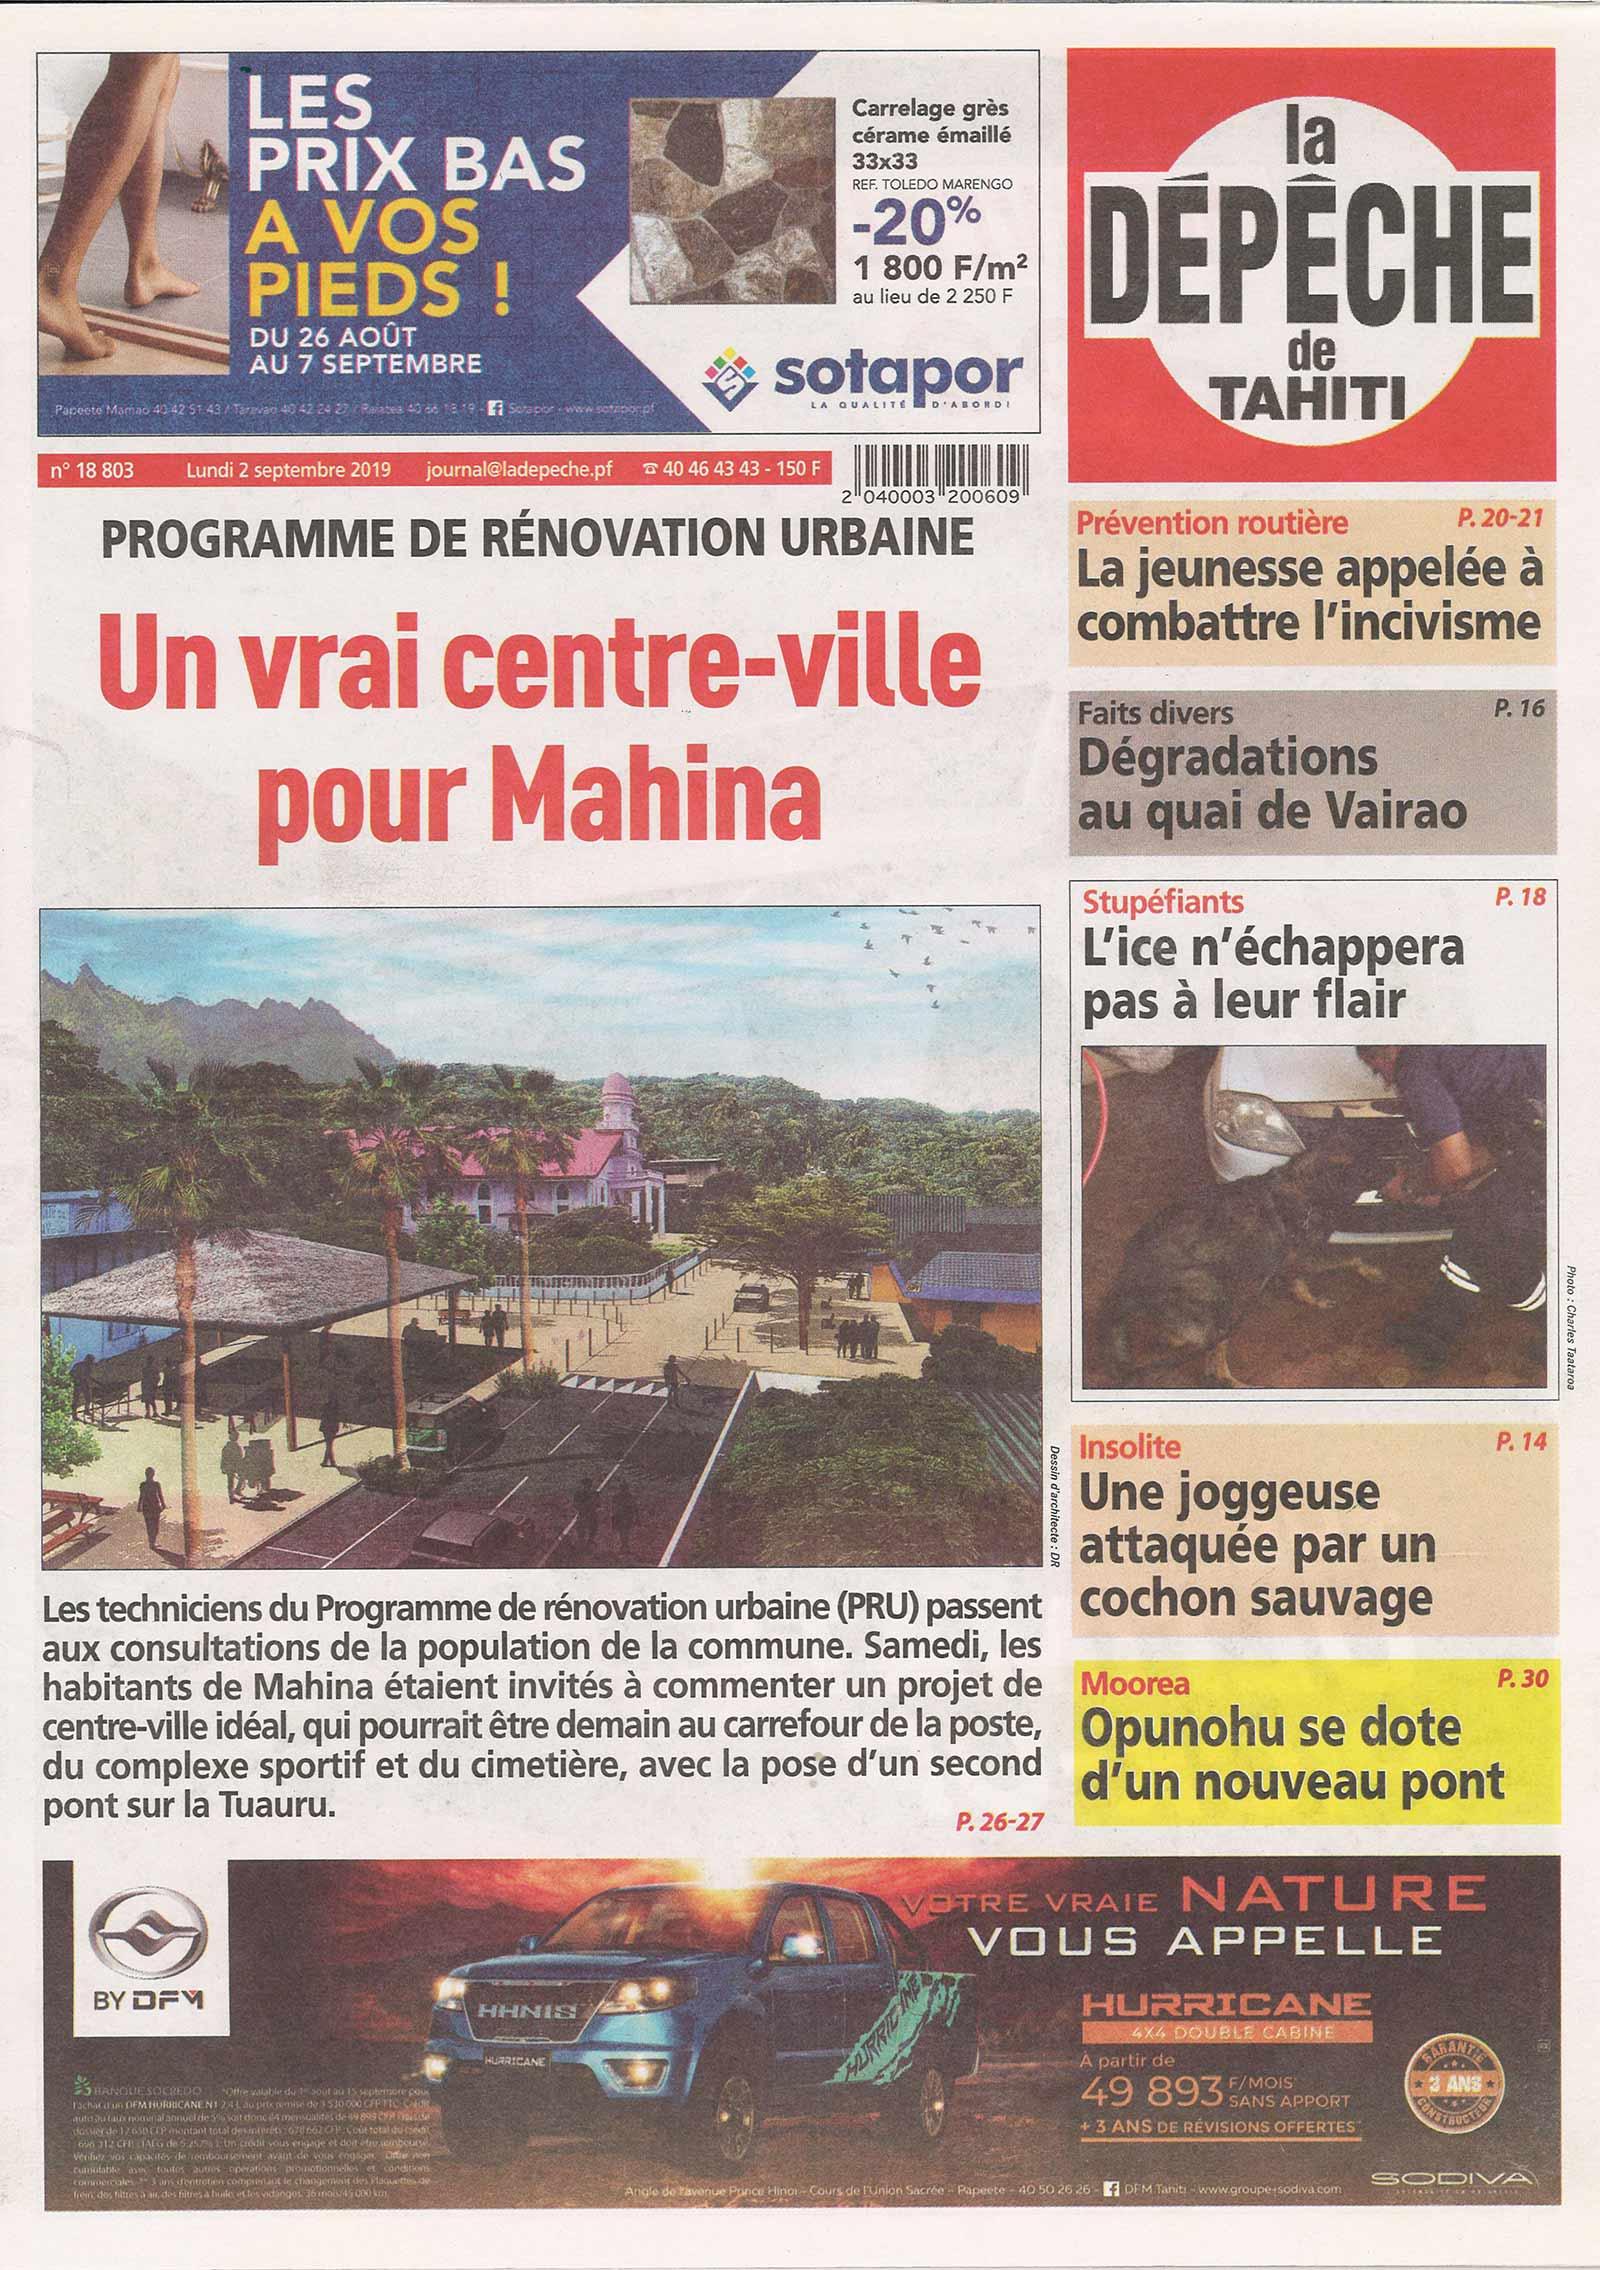 Article de la Dépêche de Tahiti sur le projet de Città Urbanisme et Paysage.